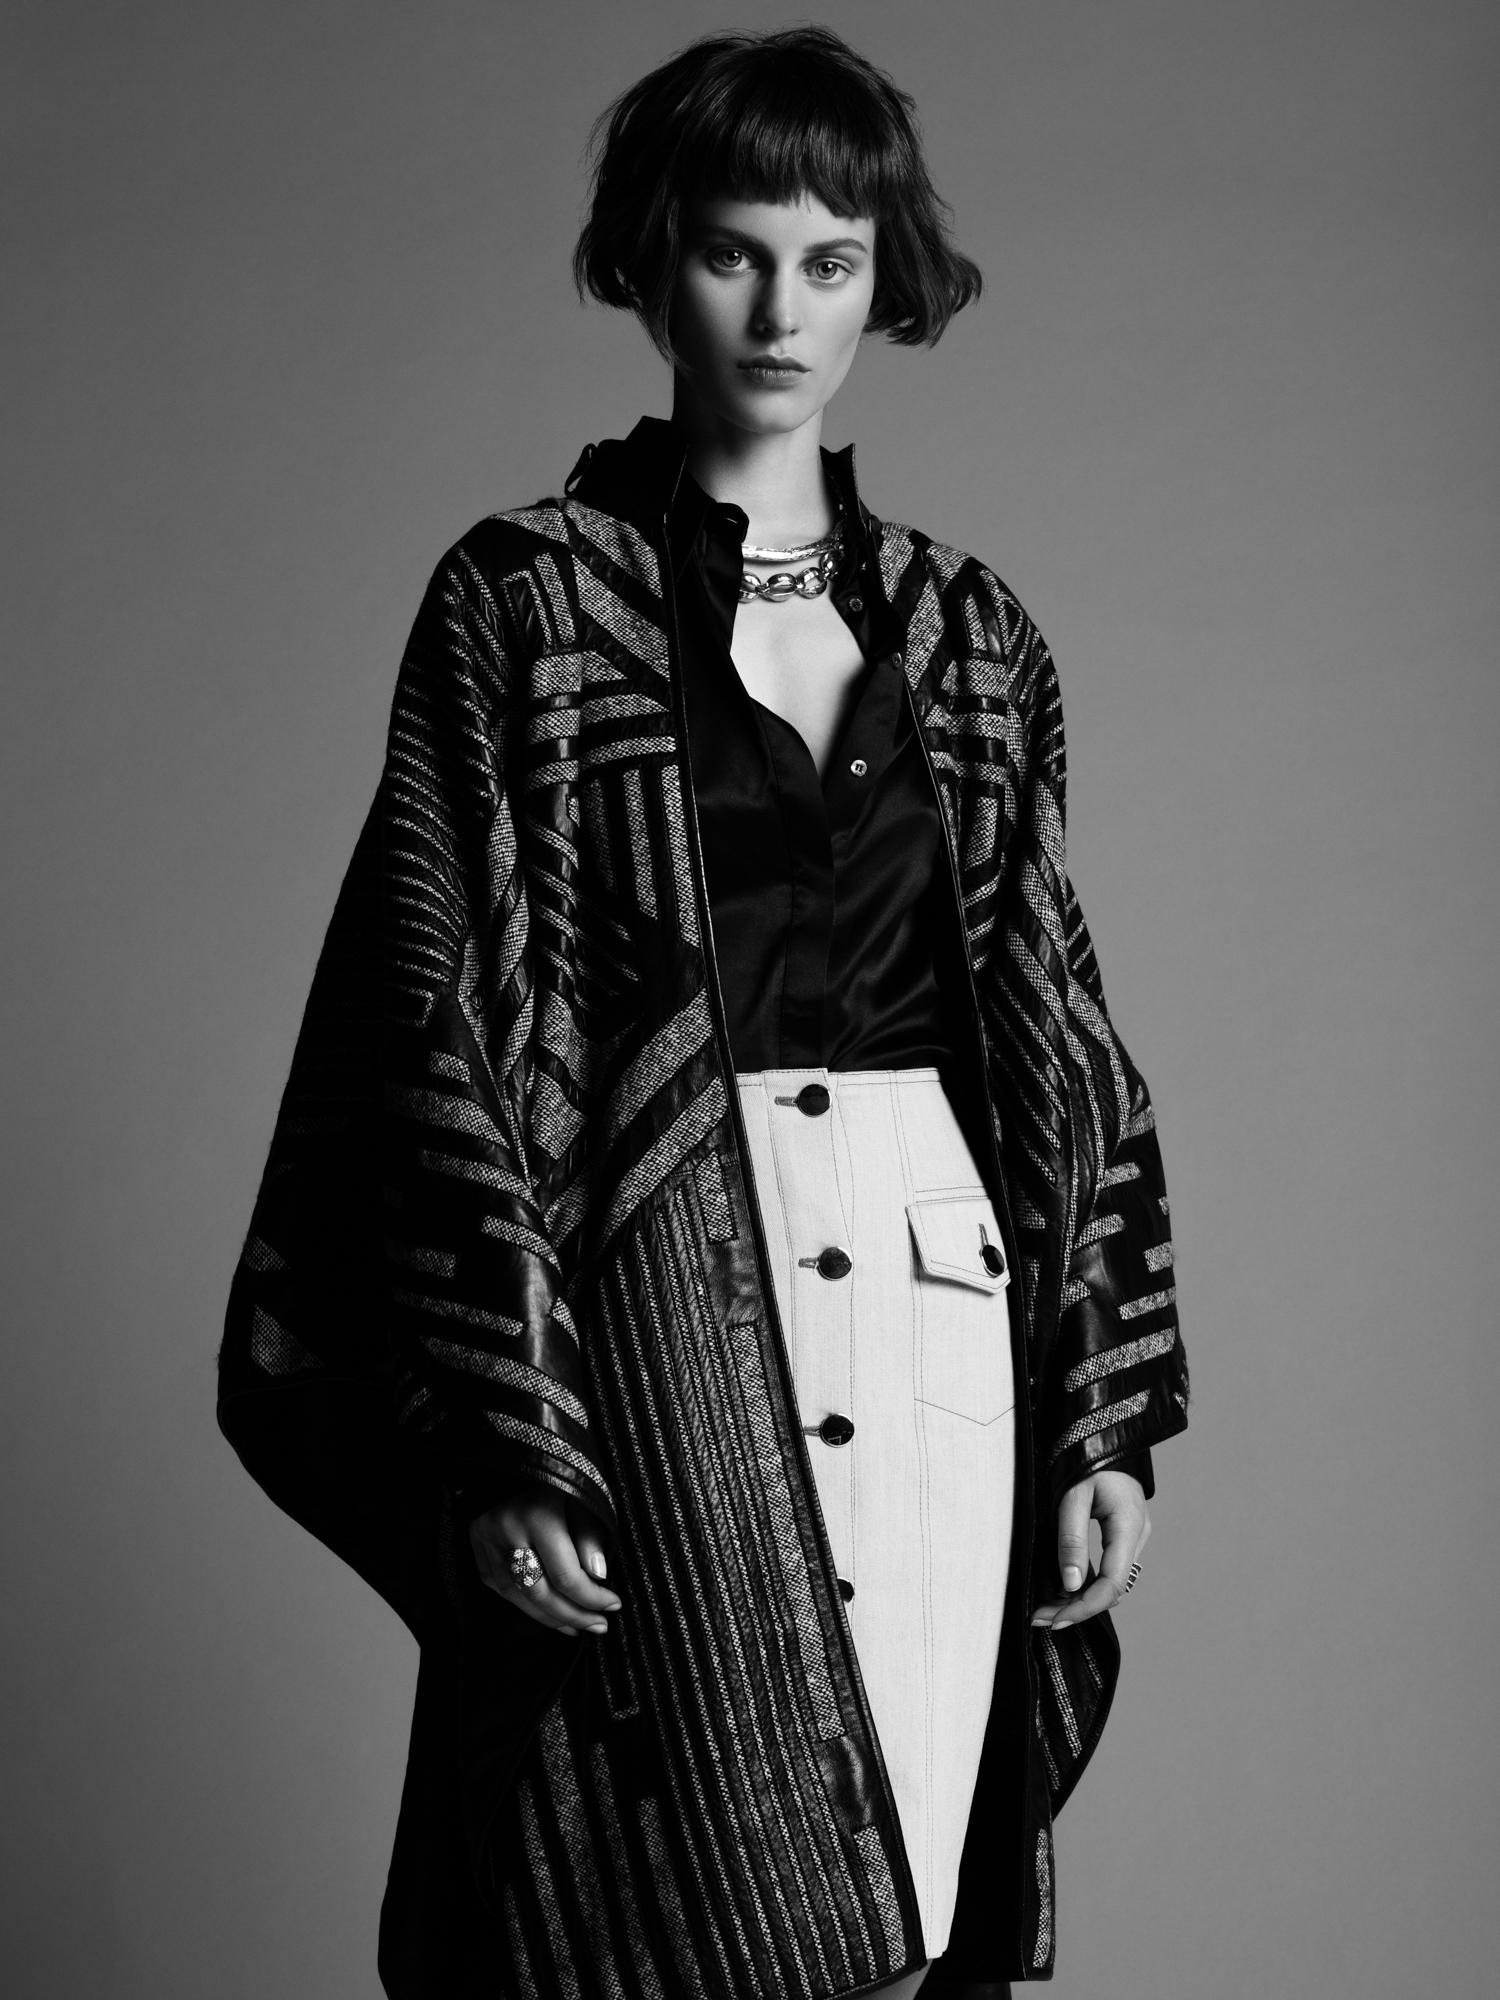 Ellinore-Erichsen-Flaunt-Magazine-5.jpg